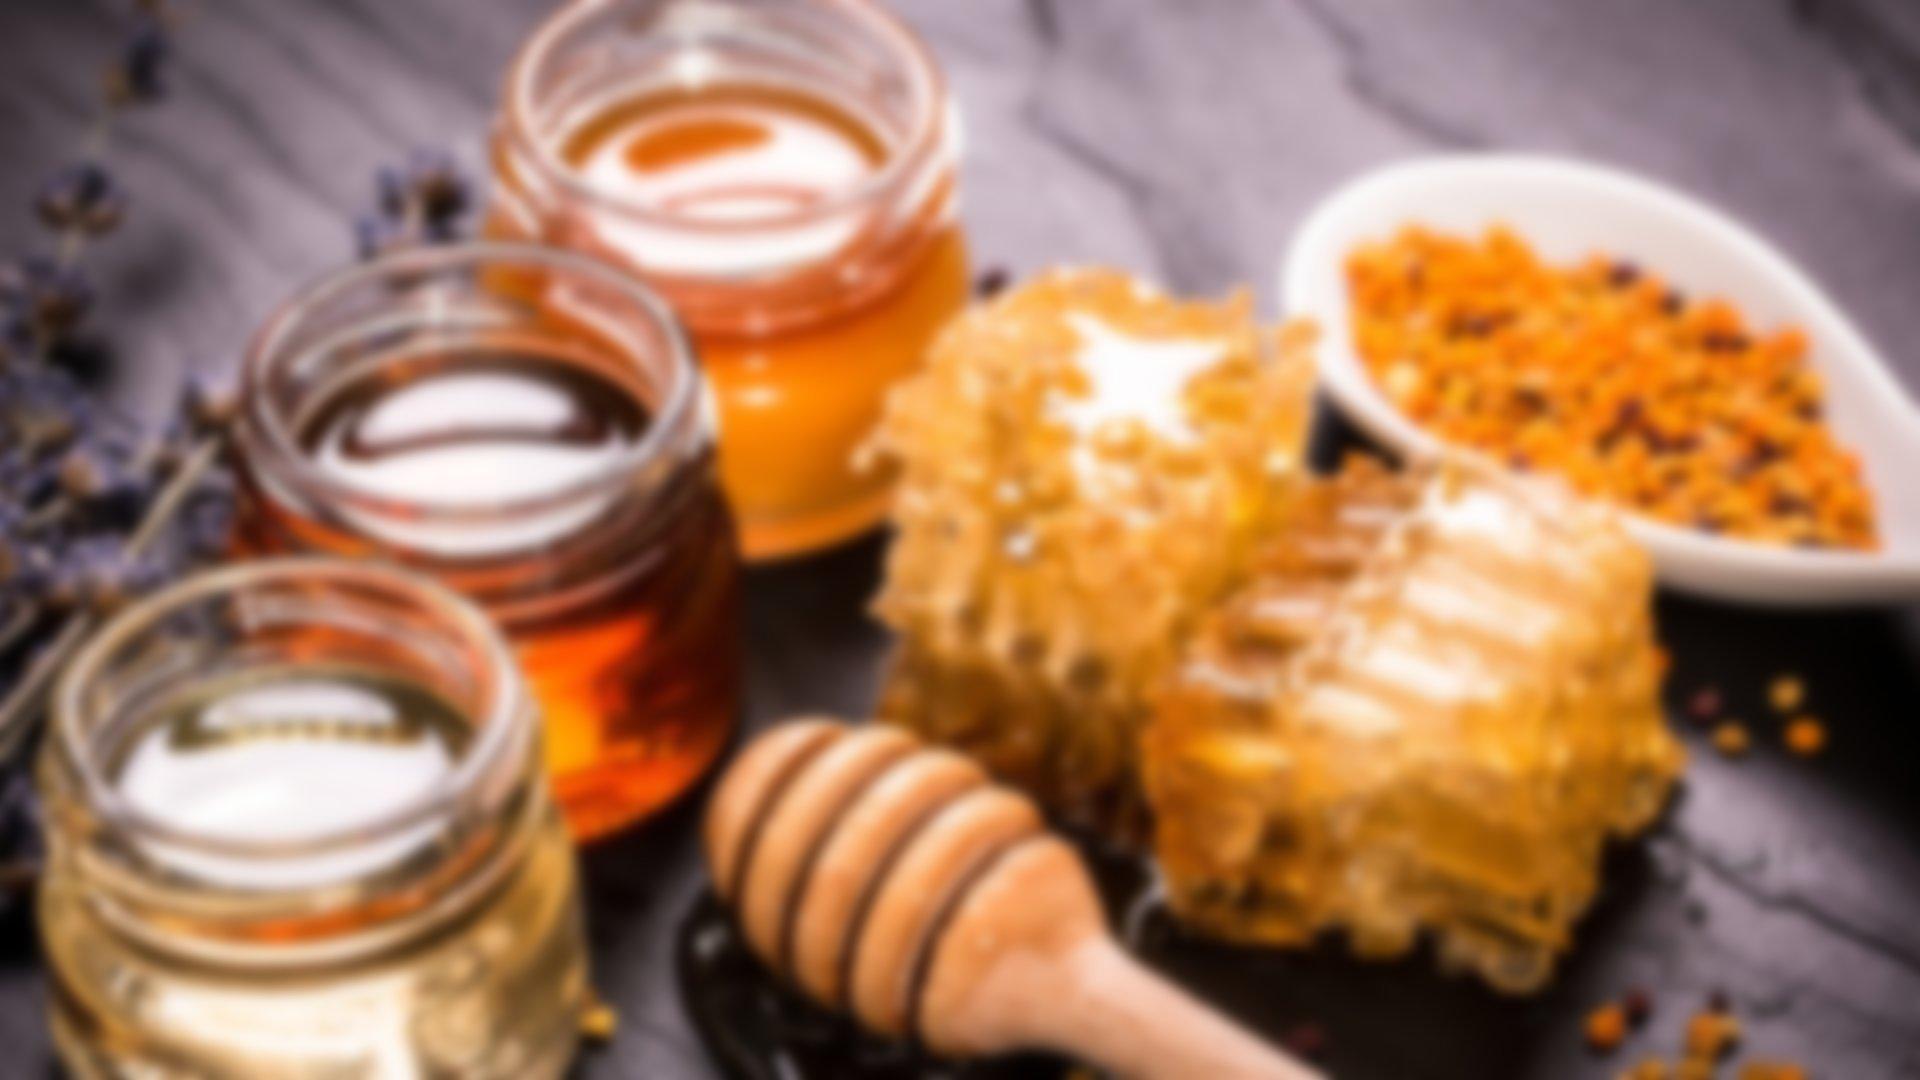 Як вибрати якісний мед і розпізнати підробку?